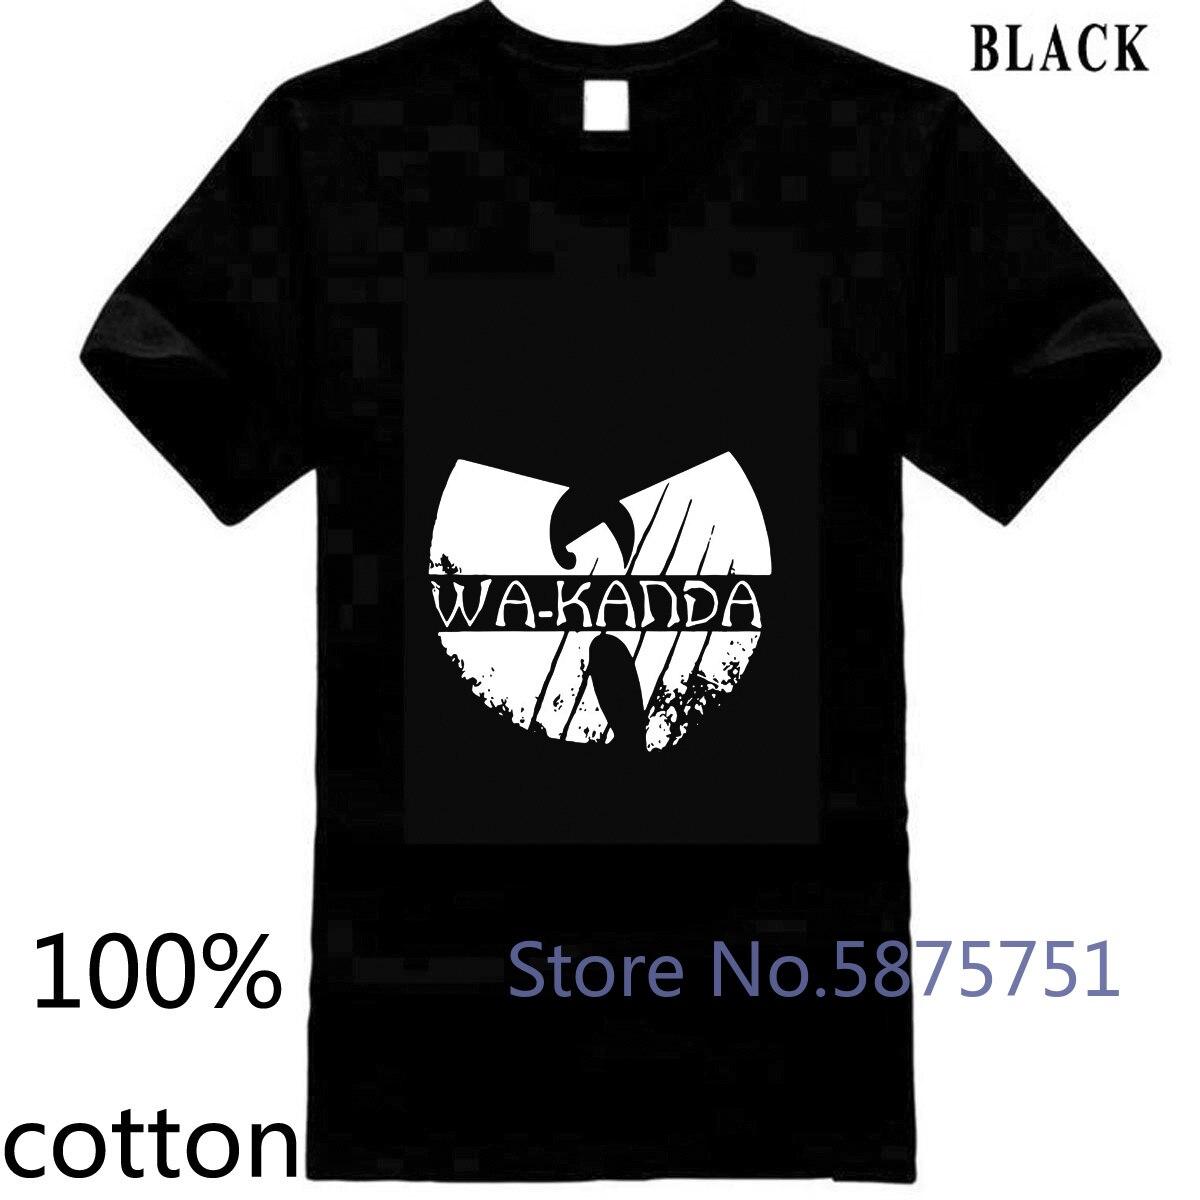 Camiseta de hombre WAKANDA de Los Vengadores del cómic MARVEL de La Pantera Negra camiseta tops camisetas 100% de algodón 3XL 4XL 5XL manga corta